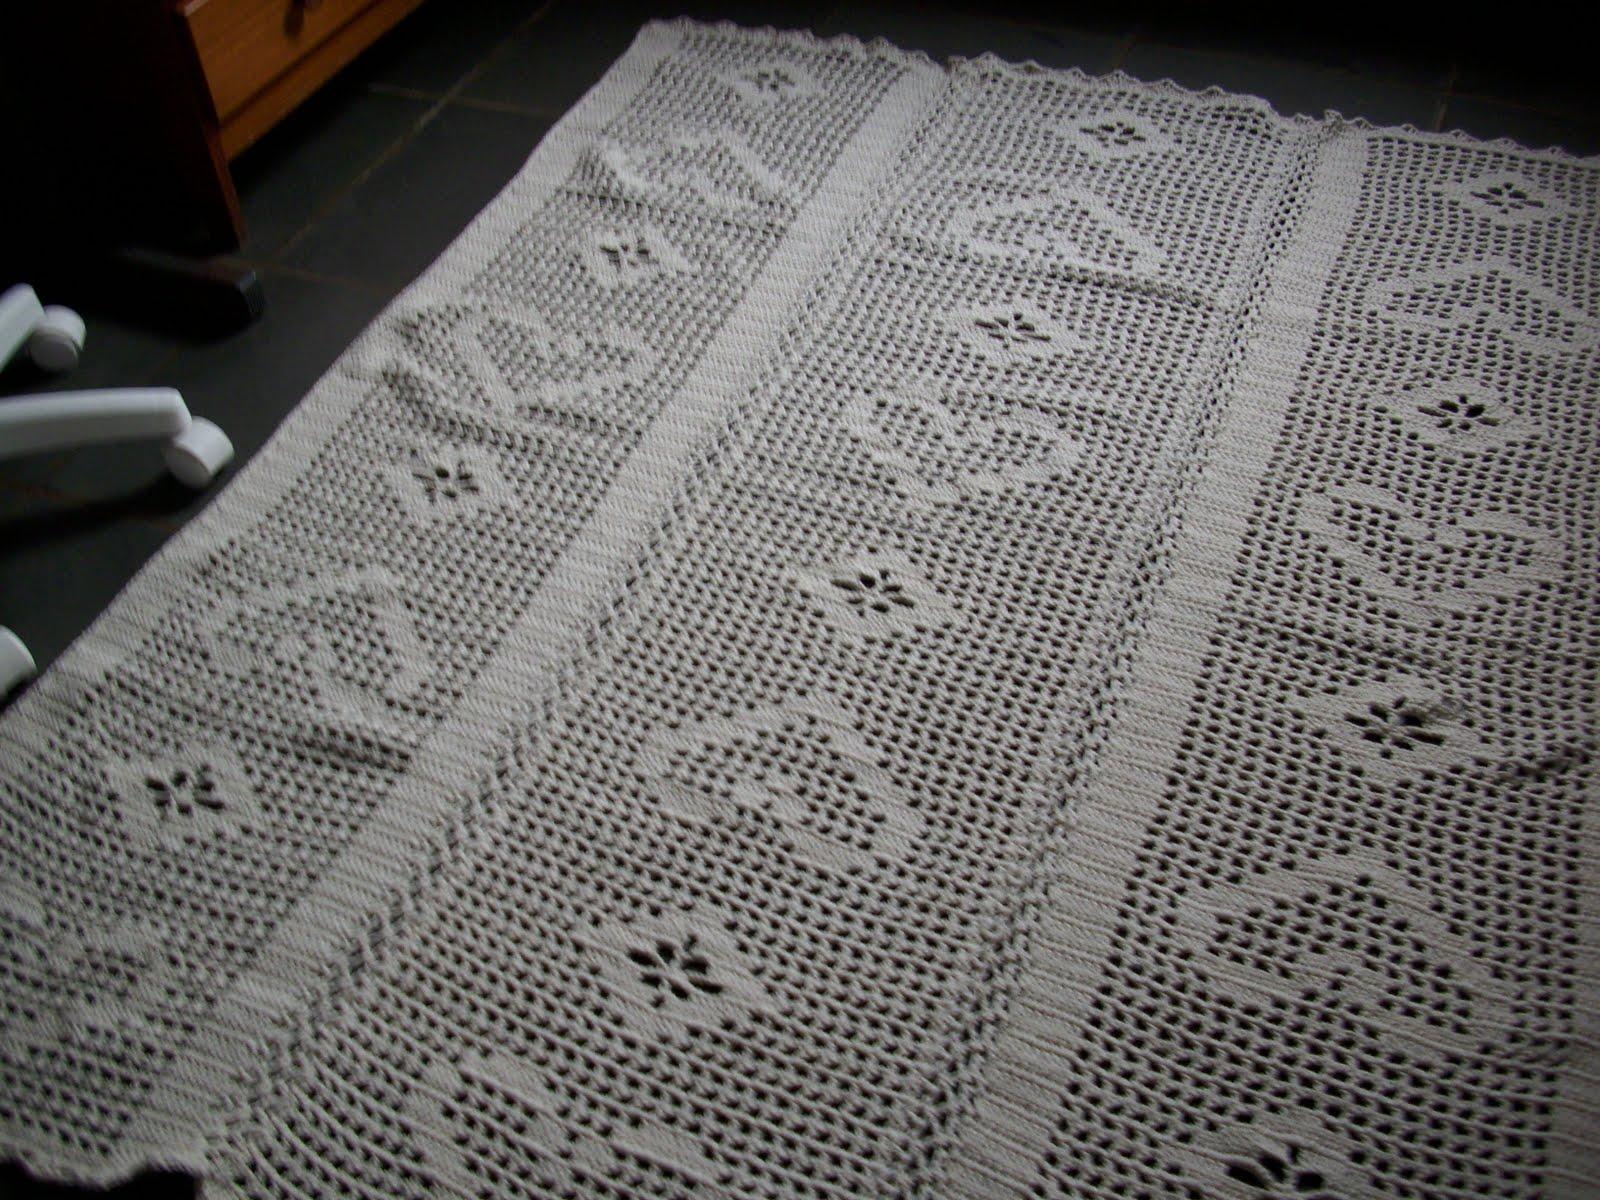 Rose enxovais tapetes de croche e caminhos de mesa e cortinas for Tapete mesa